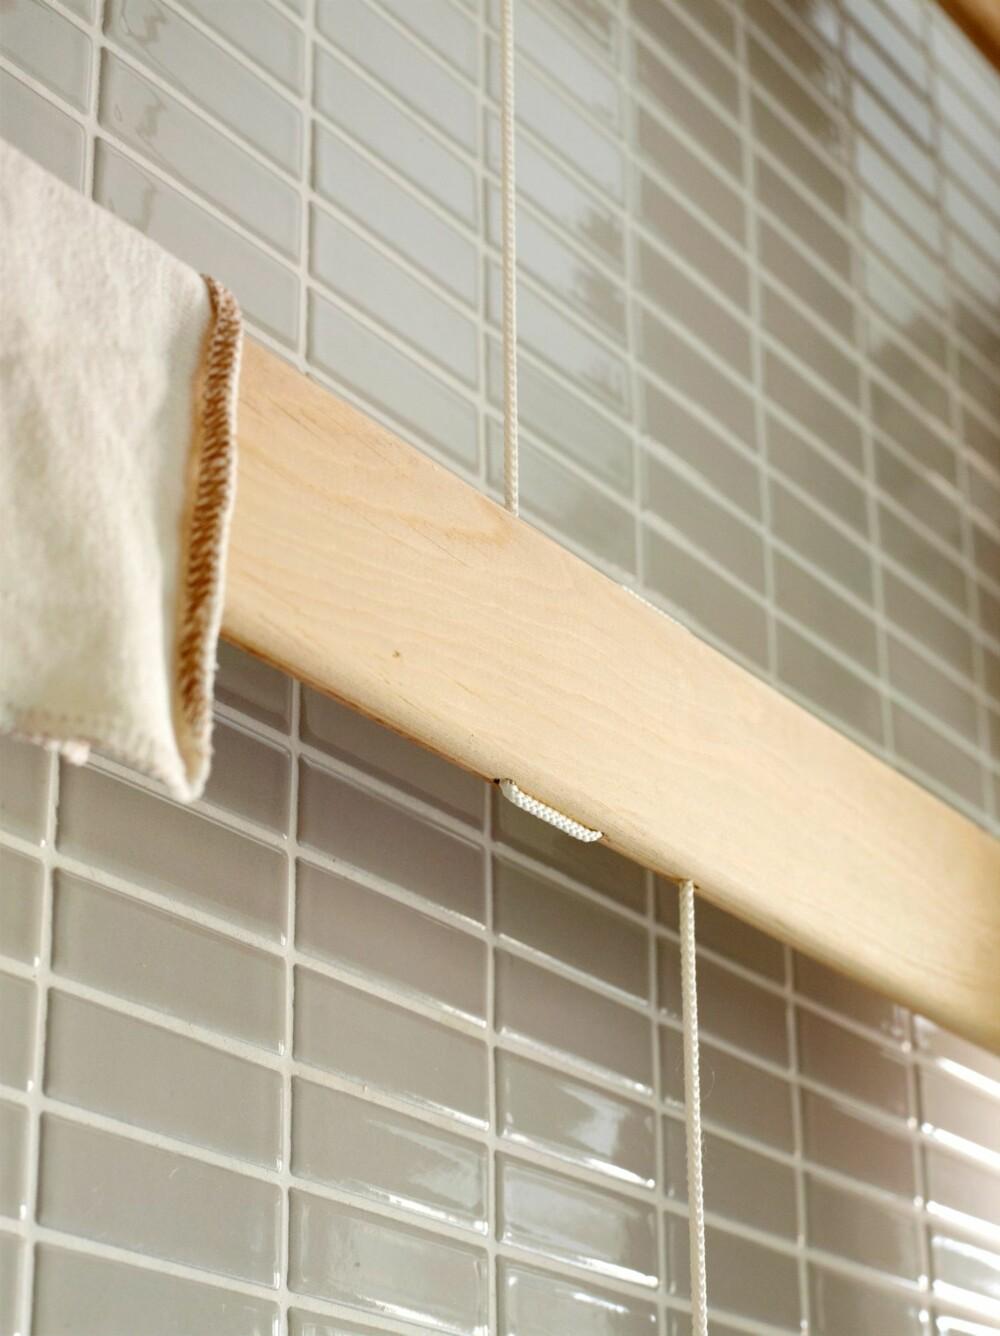 DINGLENDE HÅNDKLESTATIV: De avrundede plankene henger i snorer som er festet i taket. Snorene er ført diskret gjennom hull som er laget med en søyleboremaskin.